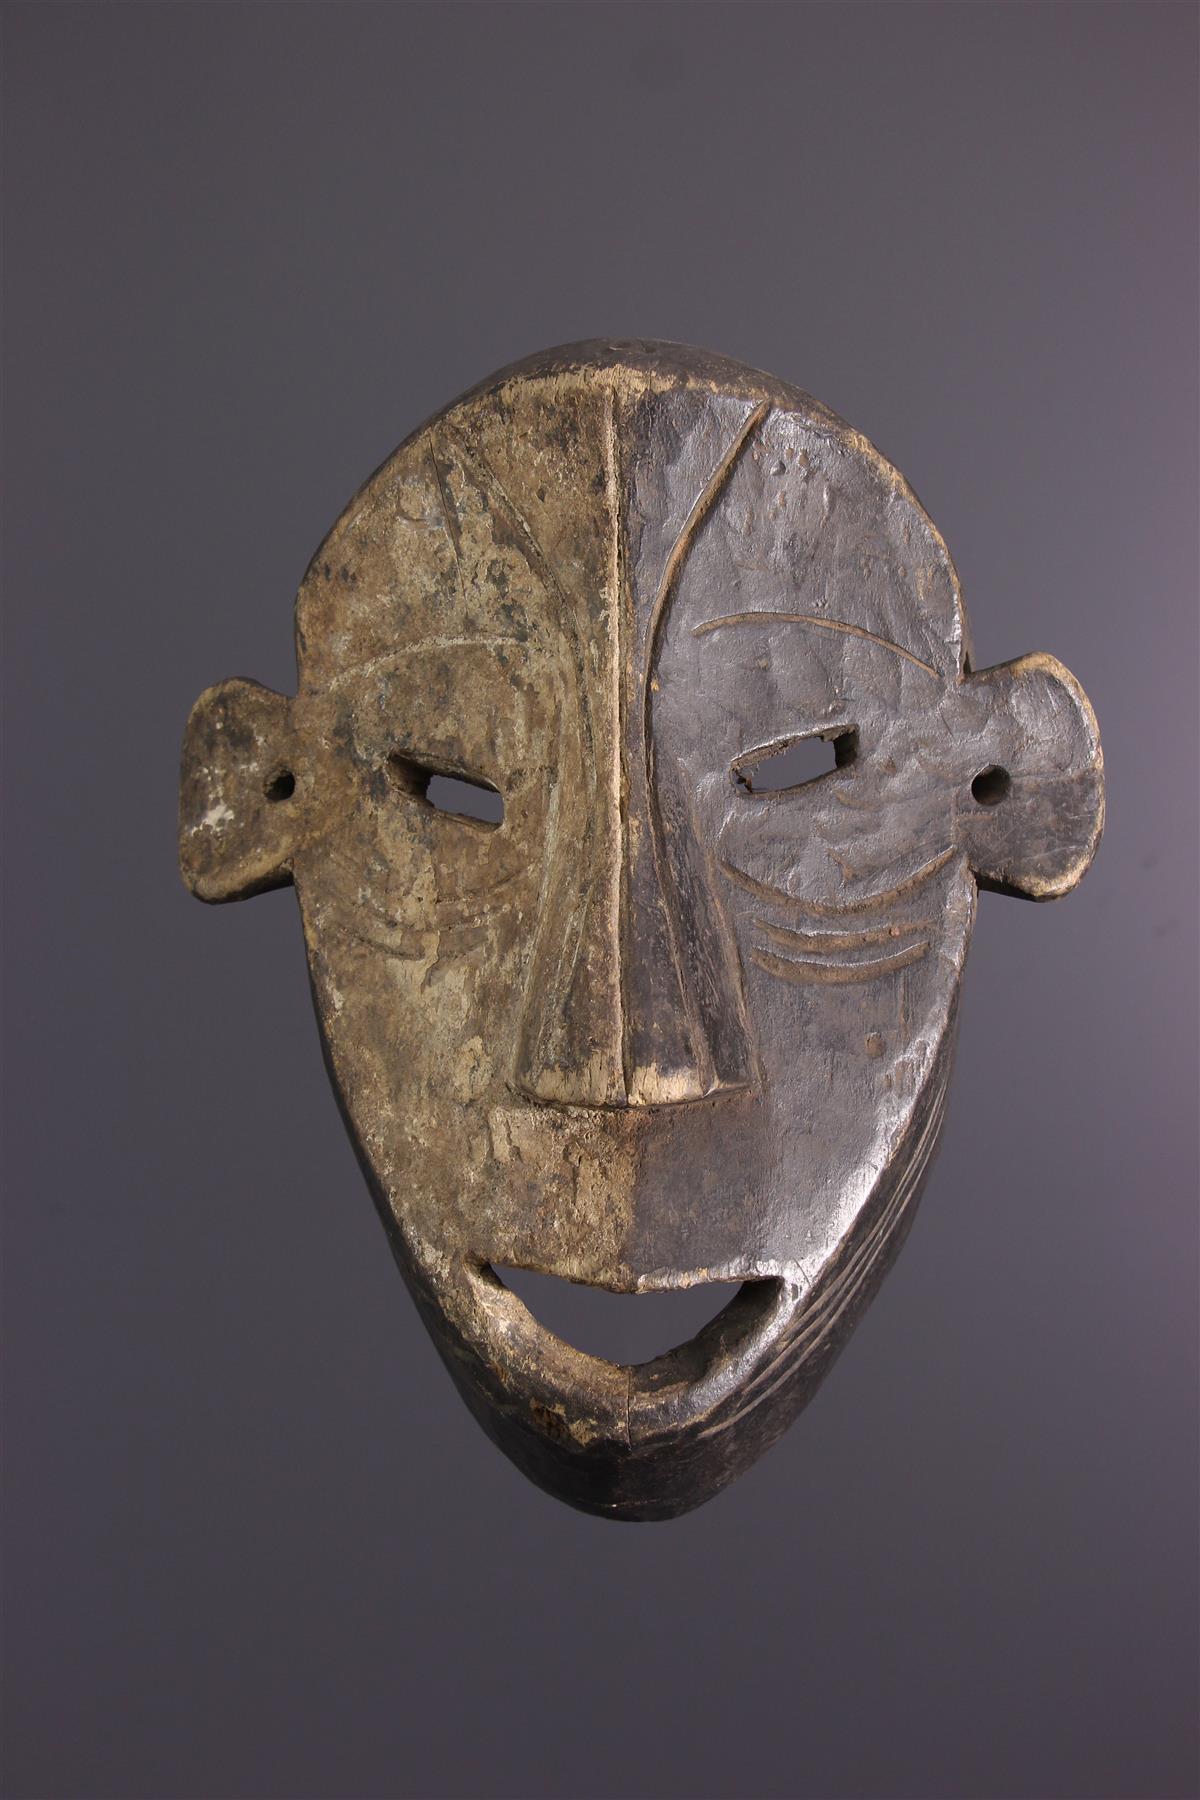 Zande mask - African art